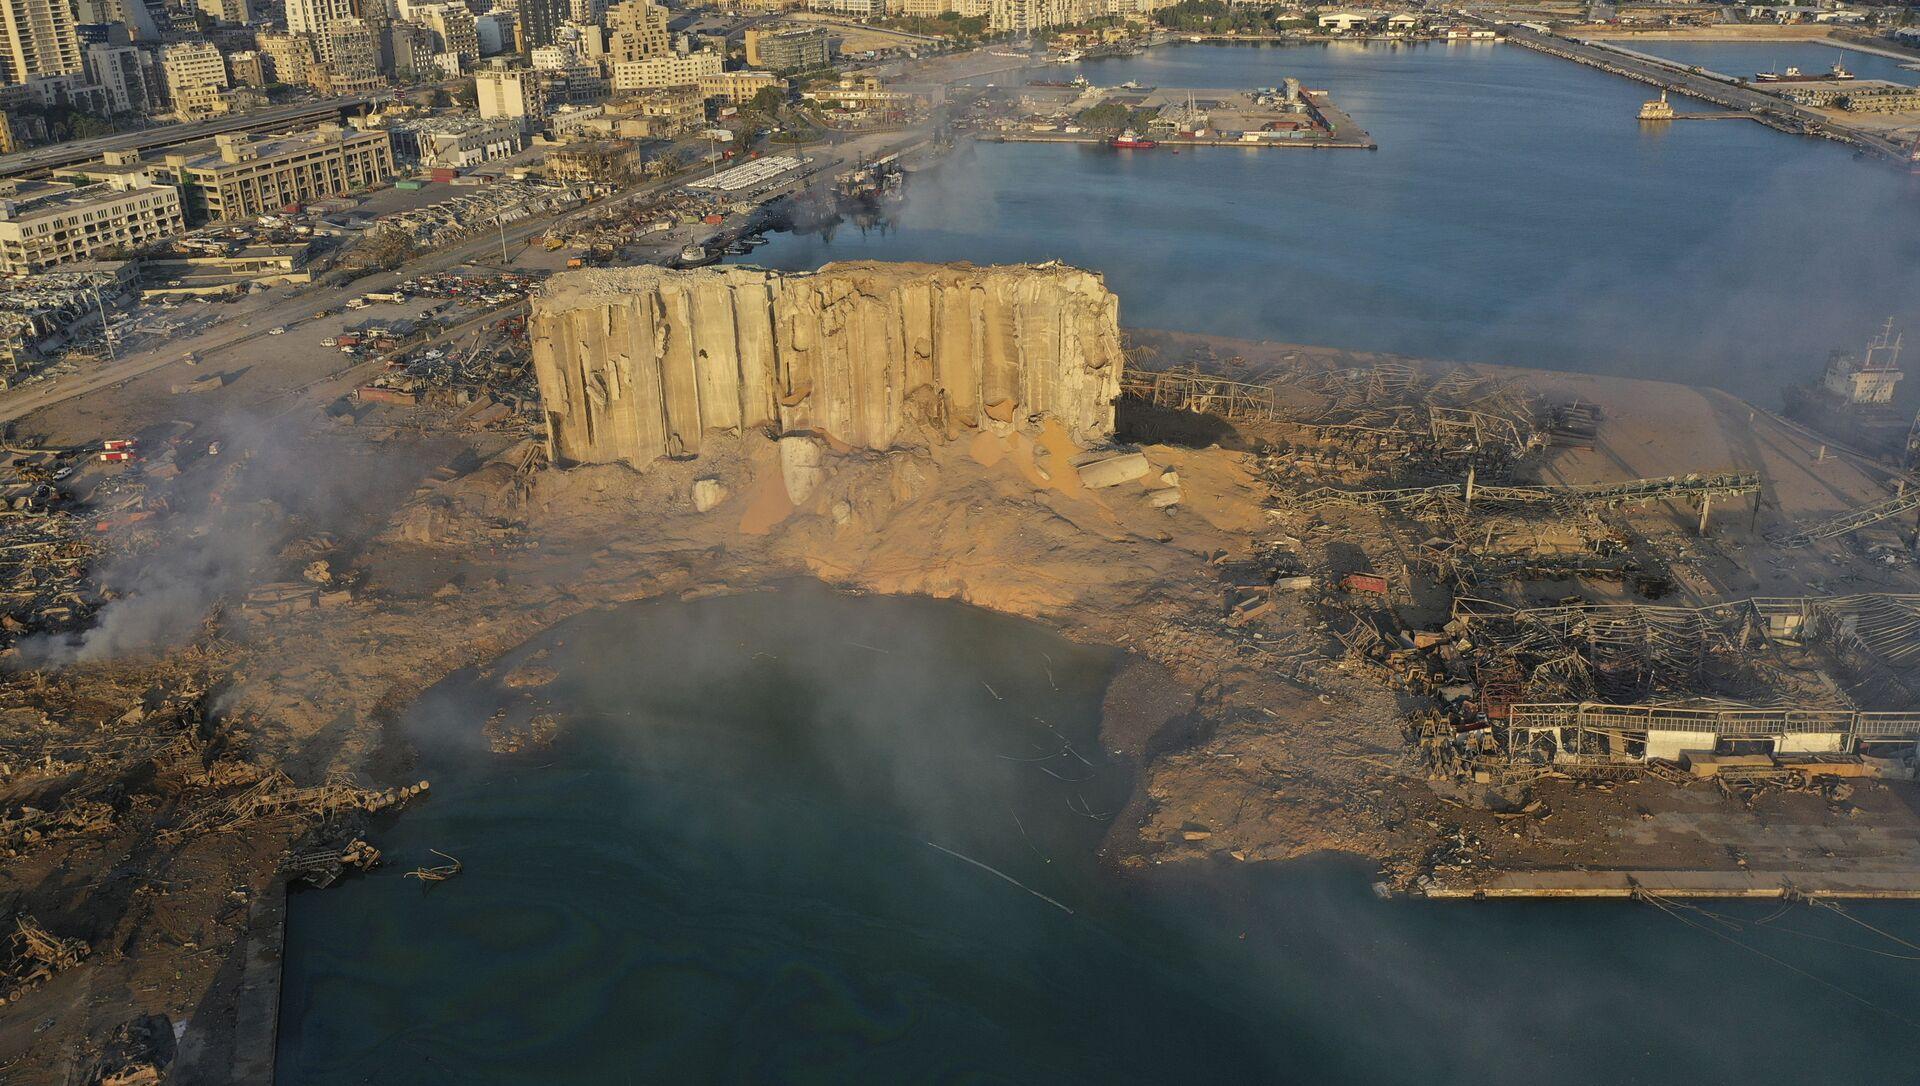 Una imagen de un dron muestra la devastación del puerto marítimo de Beirut, Líbano. 5 de agosto de 2020 - Sputnik Mundo, 1920, 05.12.2020